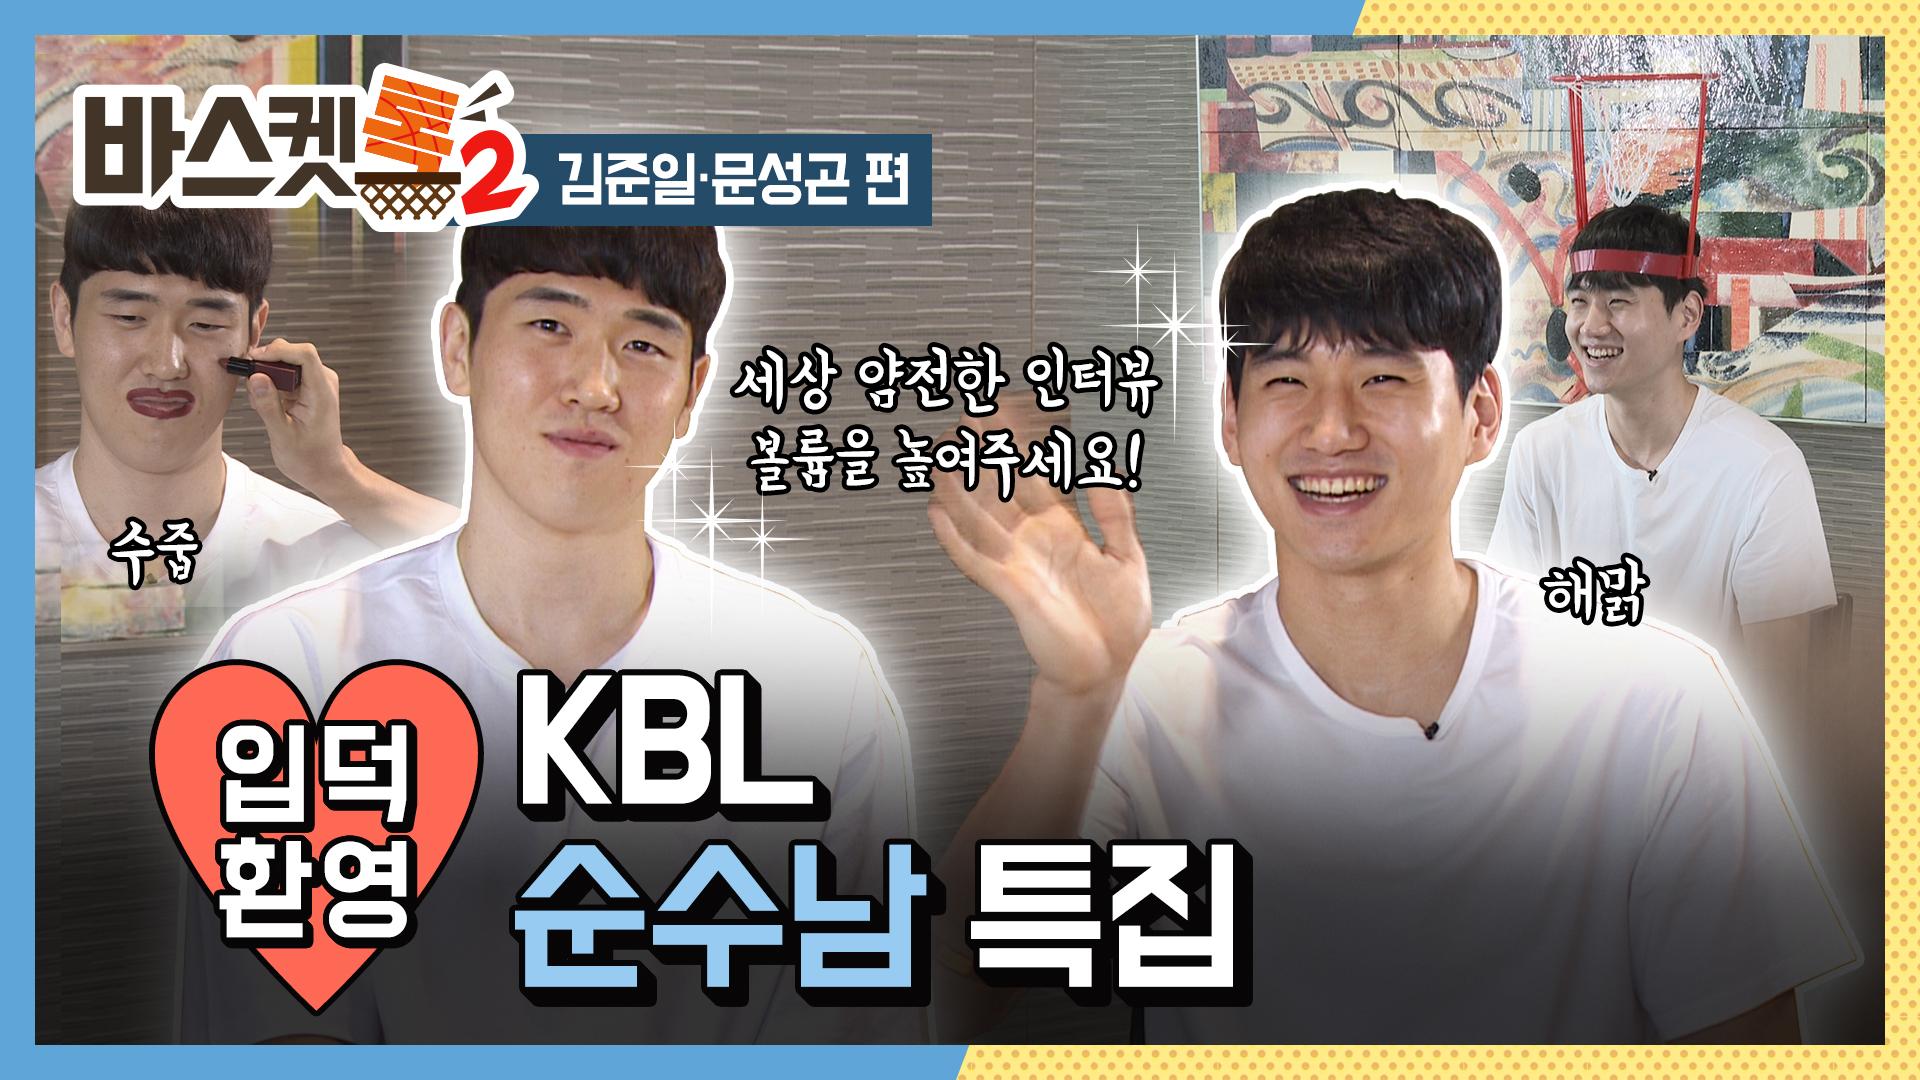 [바스켓톡2/김준일·문성곤] 입덕 환영♥ KBL 순수남들을 소개합니다~